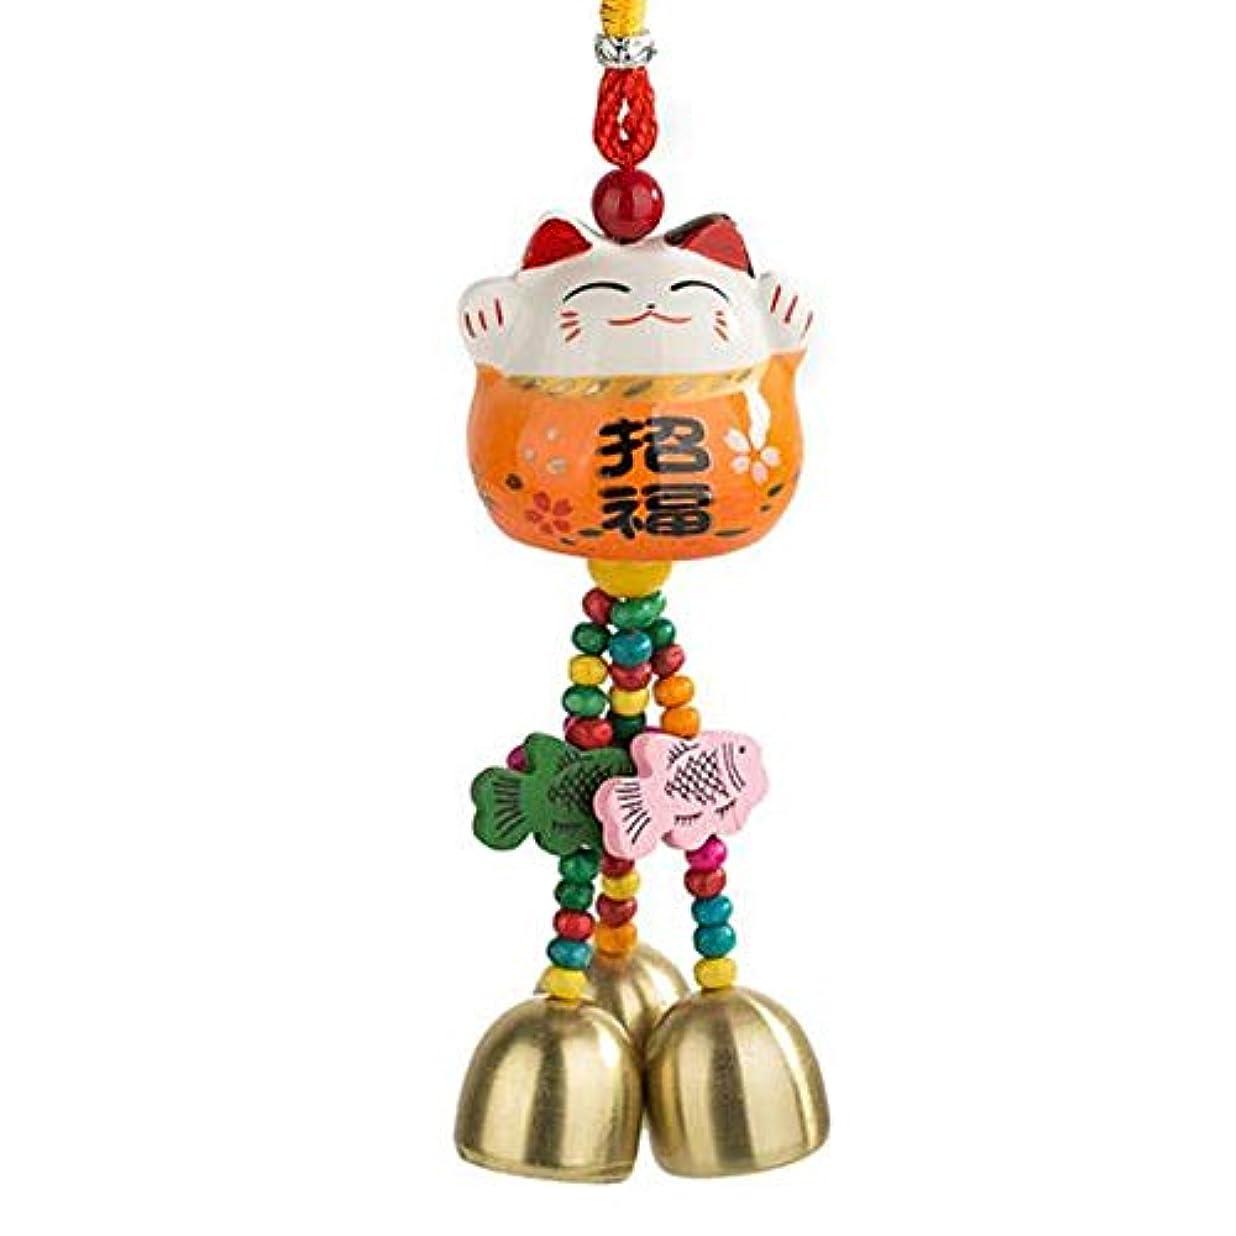 エコー再生的ライブFengshangshanghang 風チャイム、かわいいクリエイティブセラミック猫風の鐘、オレンジ、ロング28センチメートル,家の装飾 (Color : Orange)